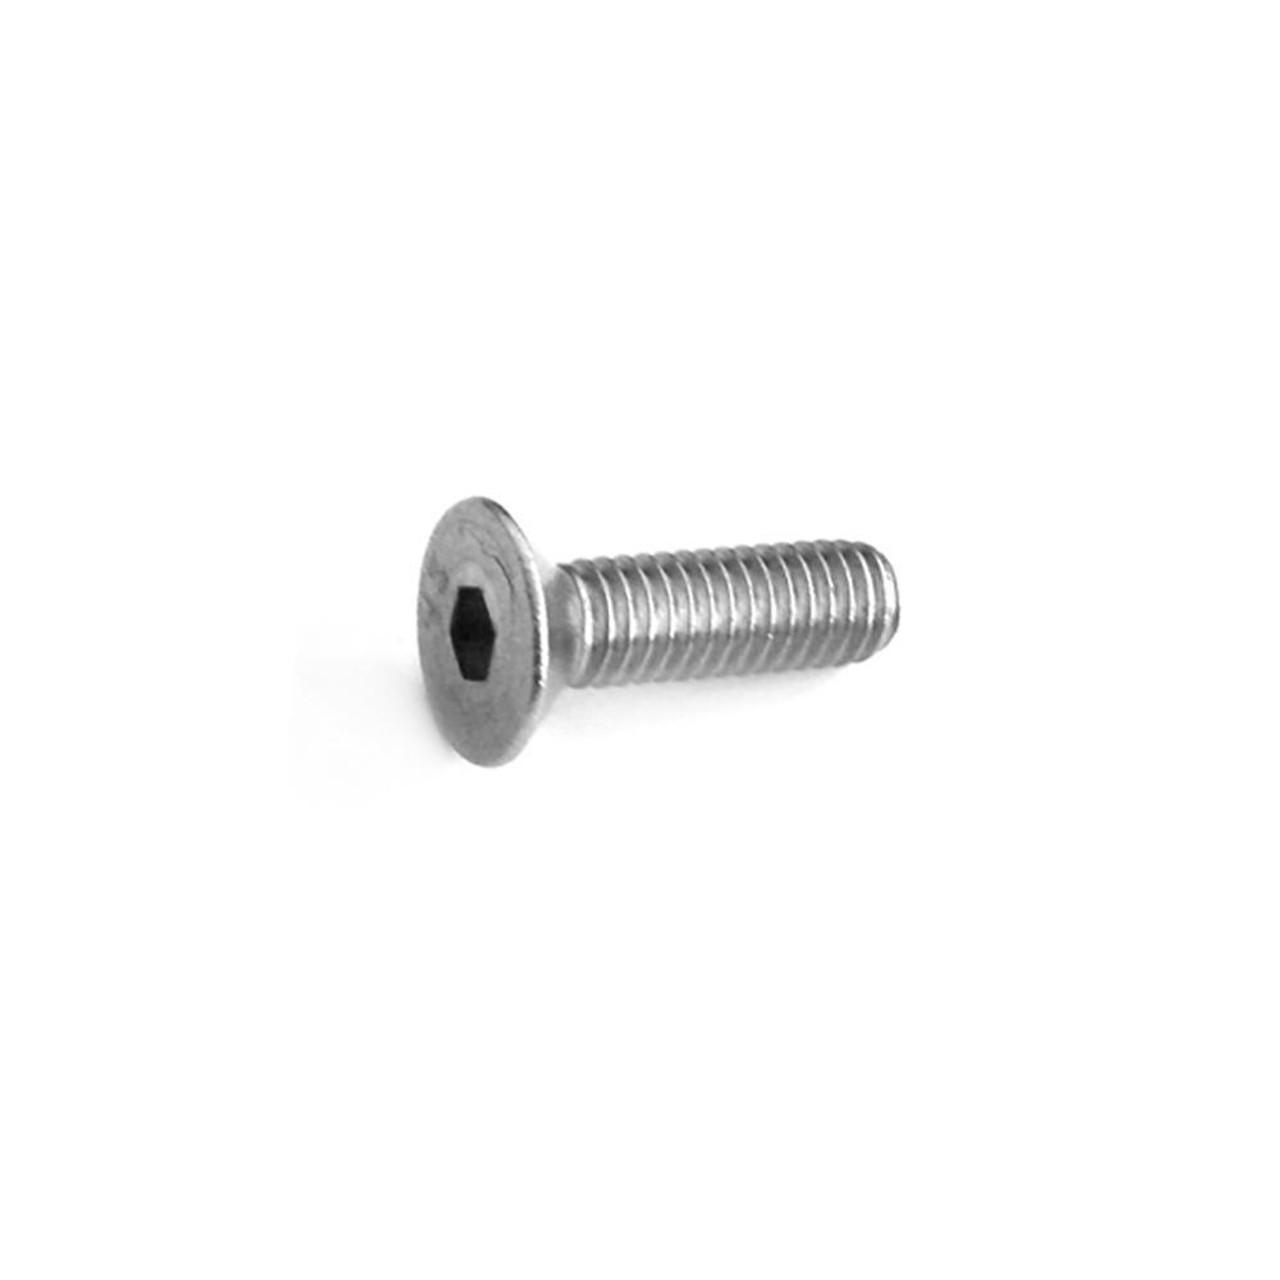 M5 x 12 mm Hardware Screw (AX00.091.250.A.SP)